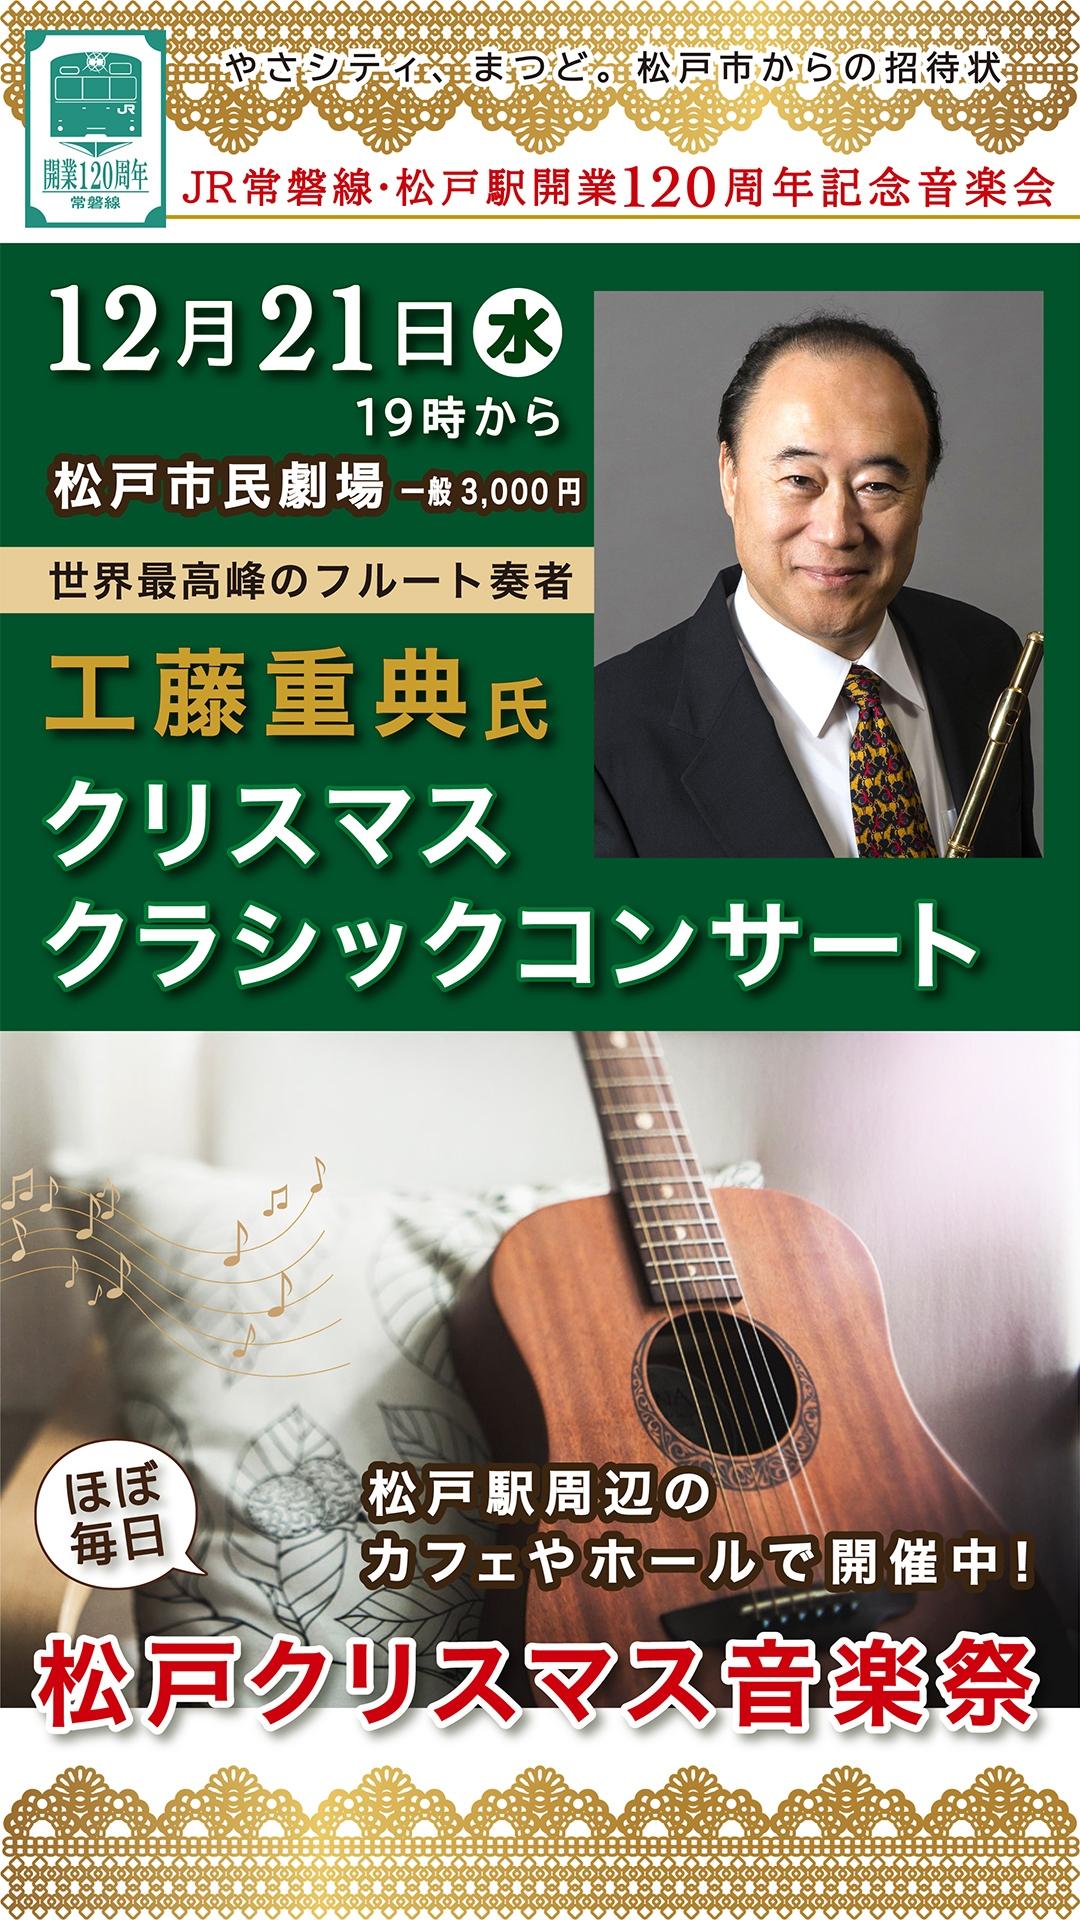 品川駅デジタルサイネージ3